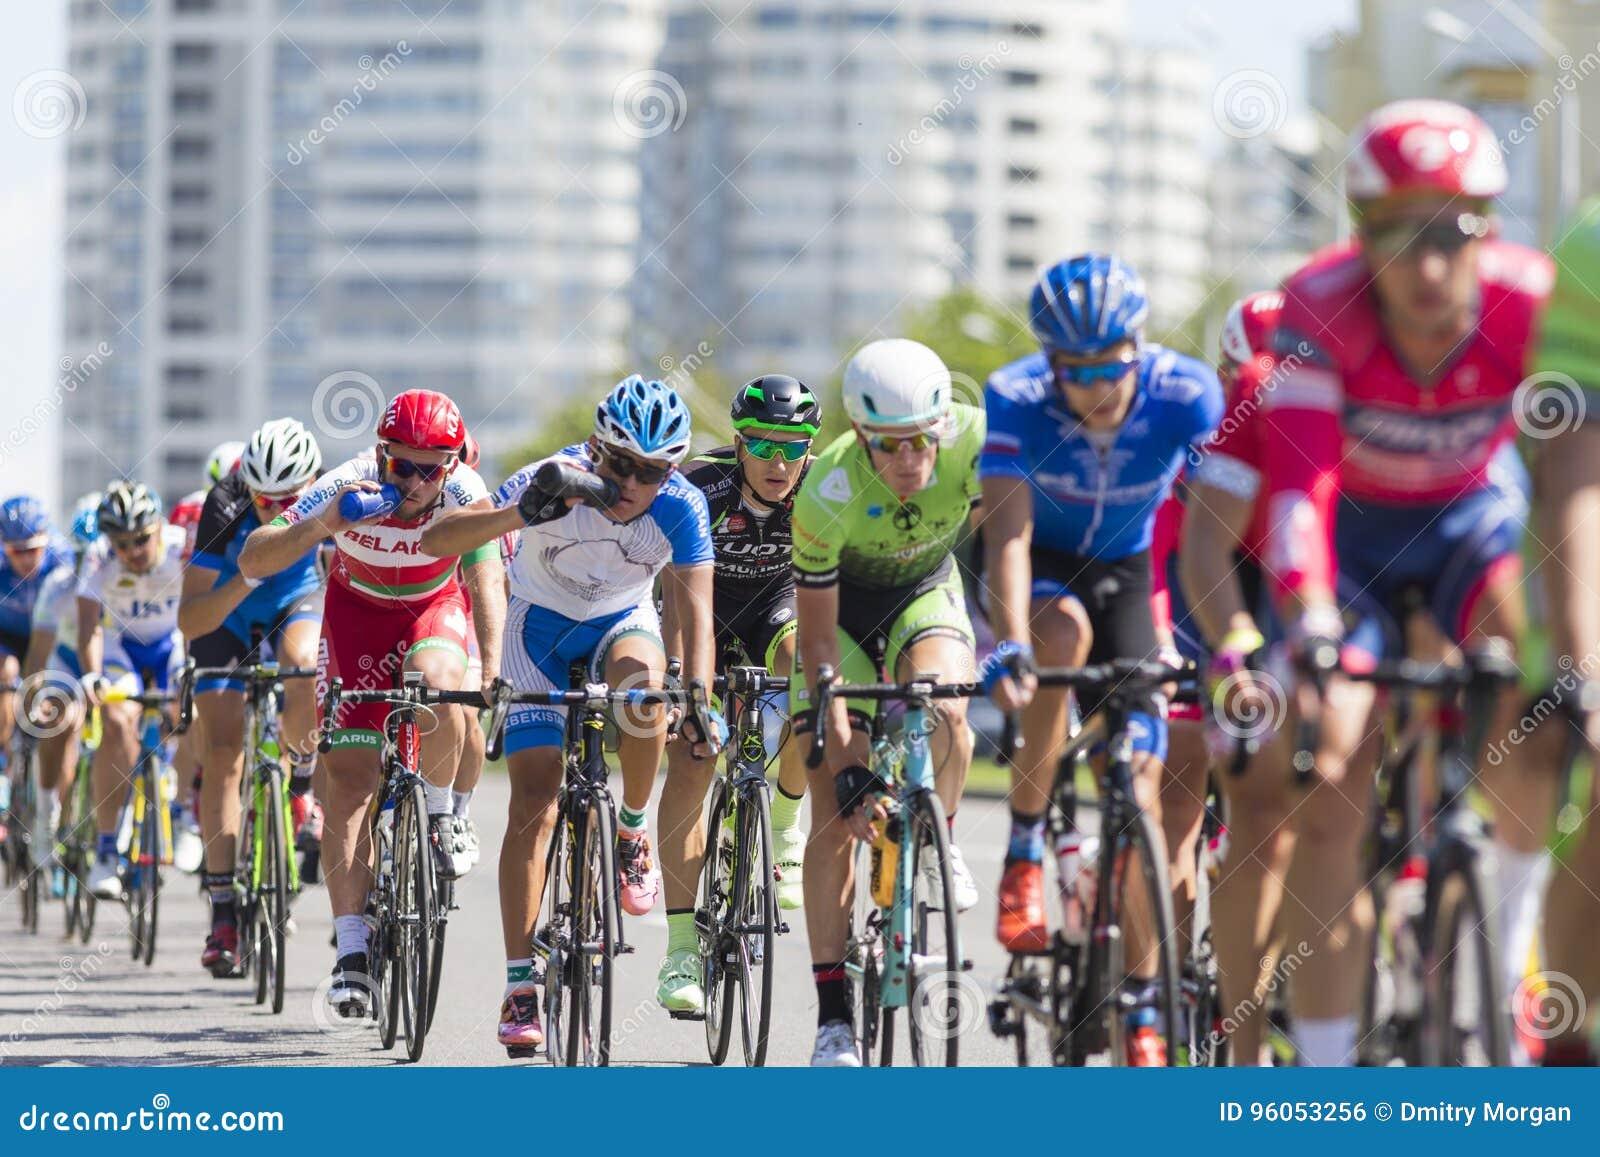 Groupe de cyclistes de route de la jeunesse dans le Peloton professionnel pendant la concurrence de recyclage Grand prix Minsk-20